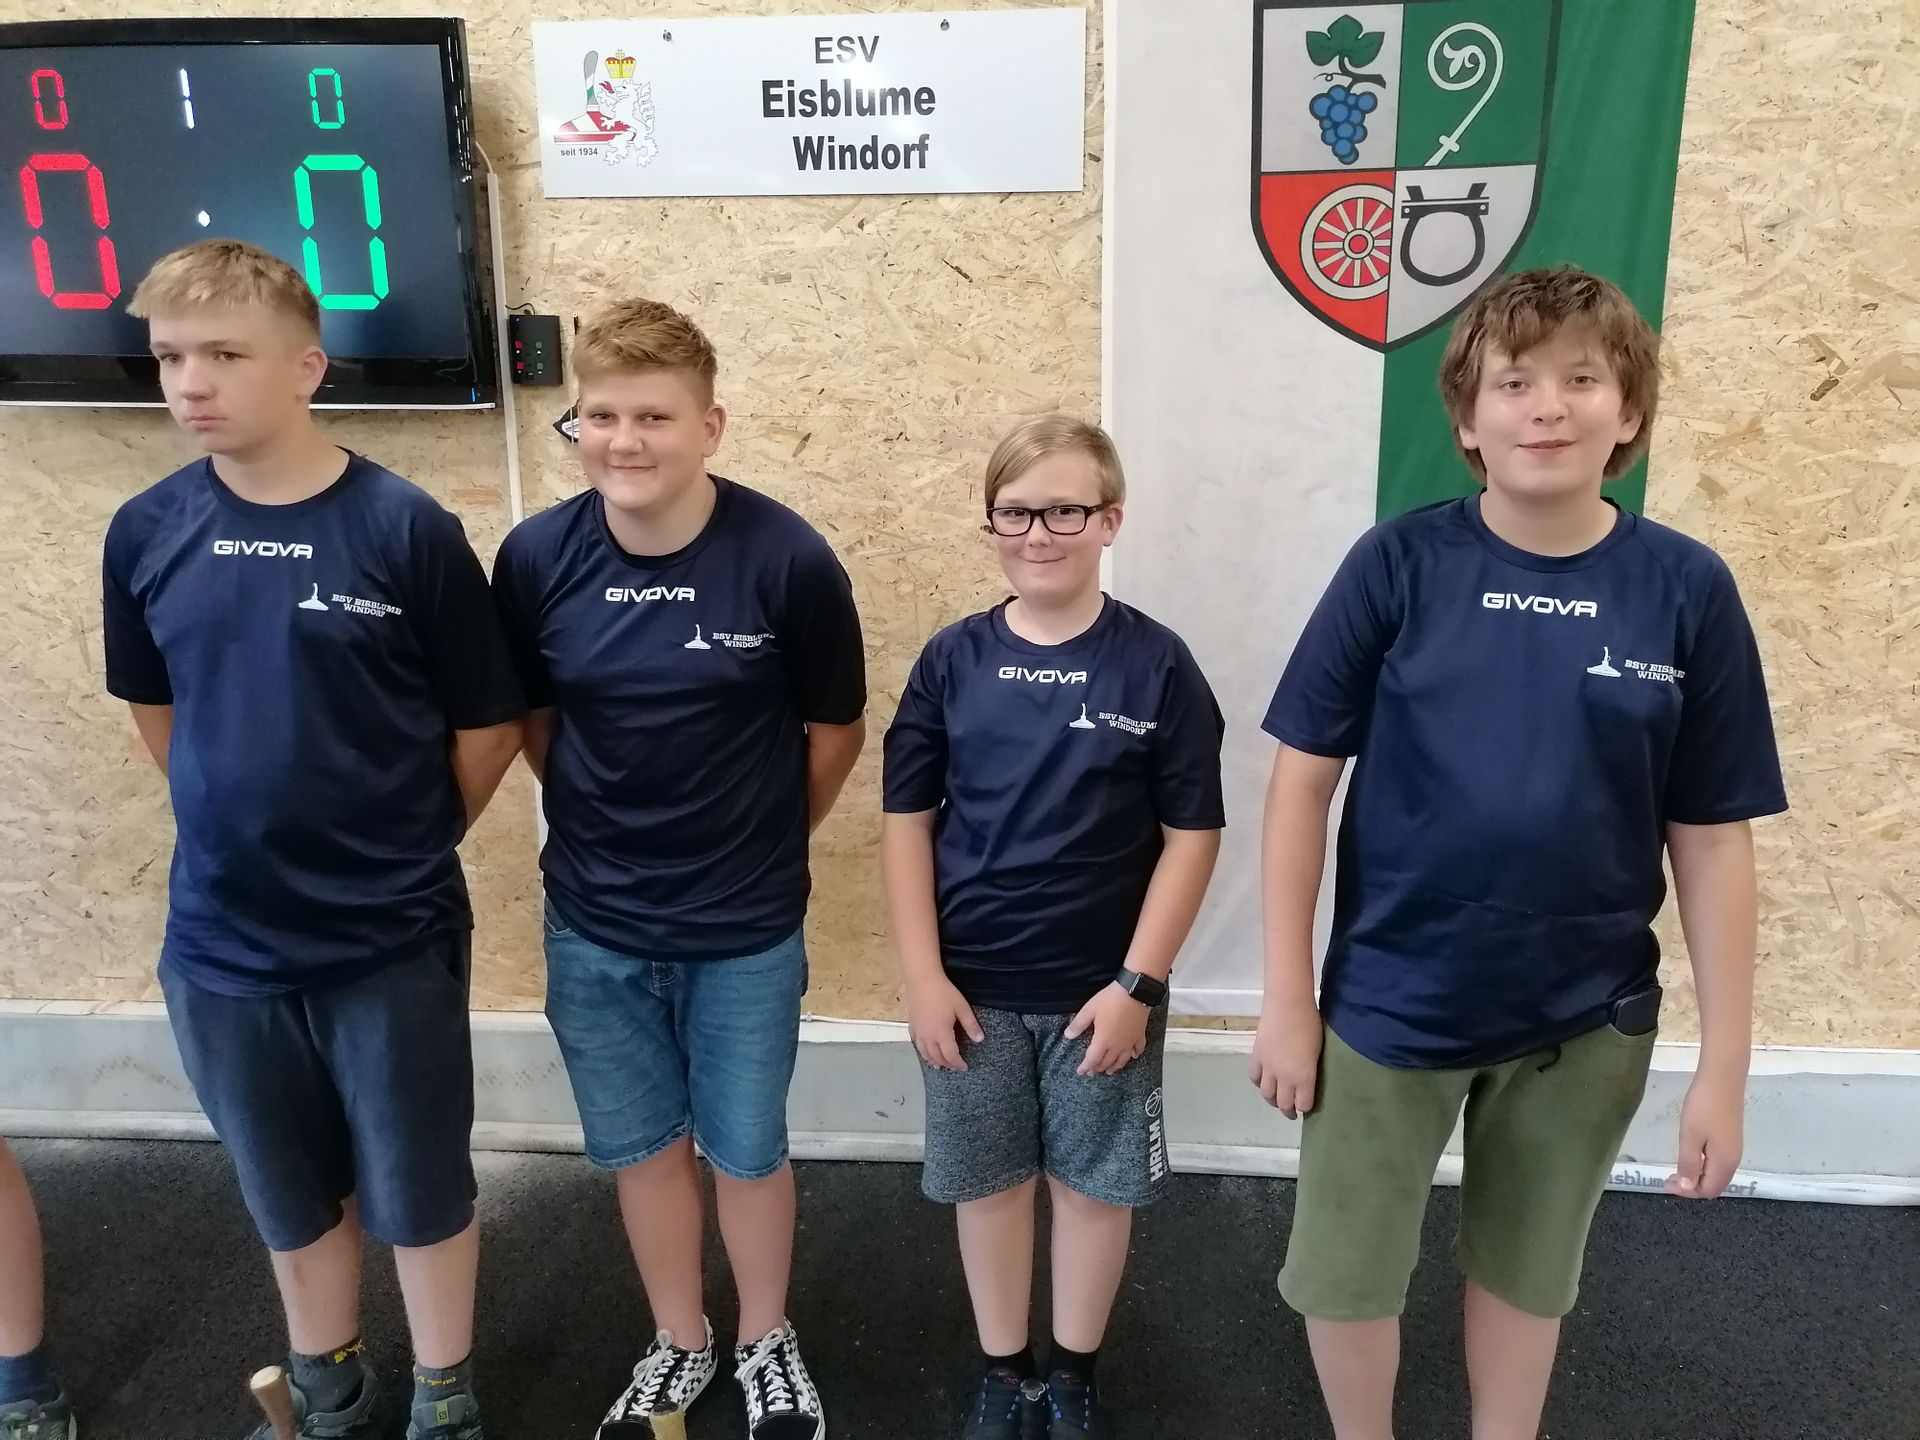 Landesmeisterschaft Jugend U-14 - LM - Jugend U-14